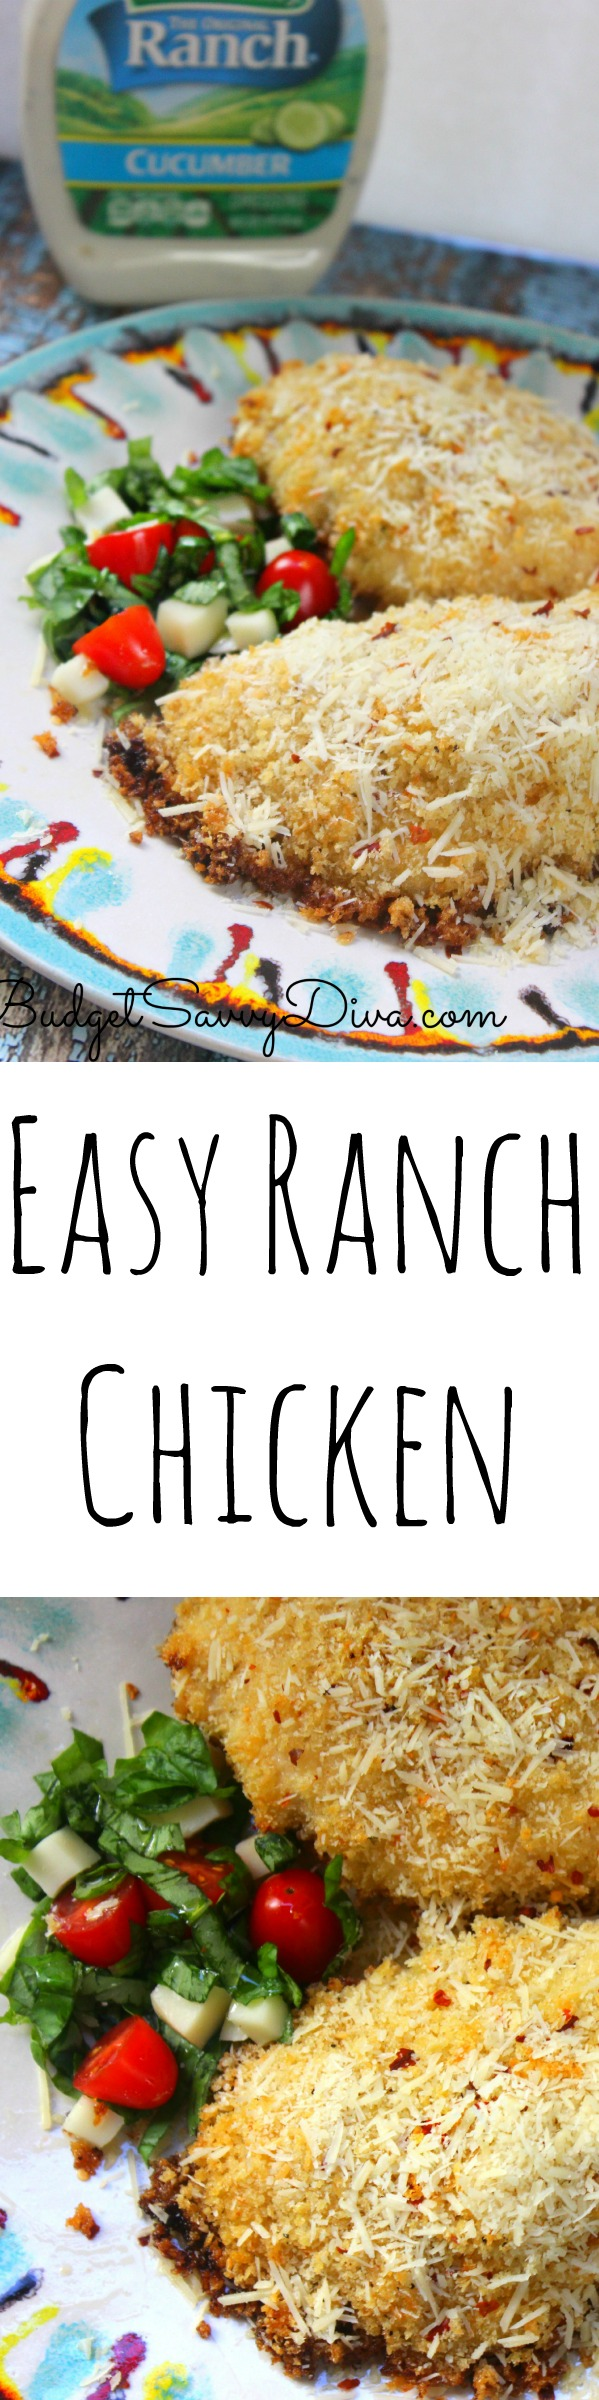 Ranch Chicken FINAL